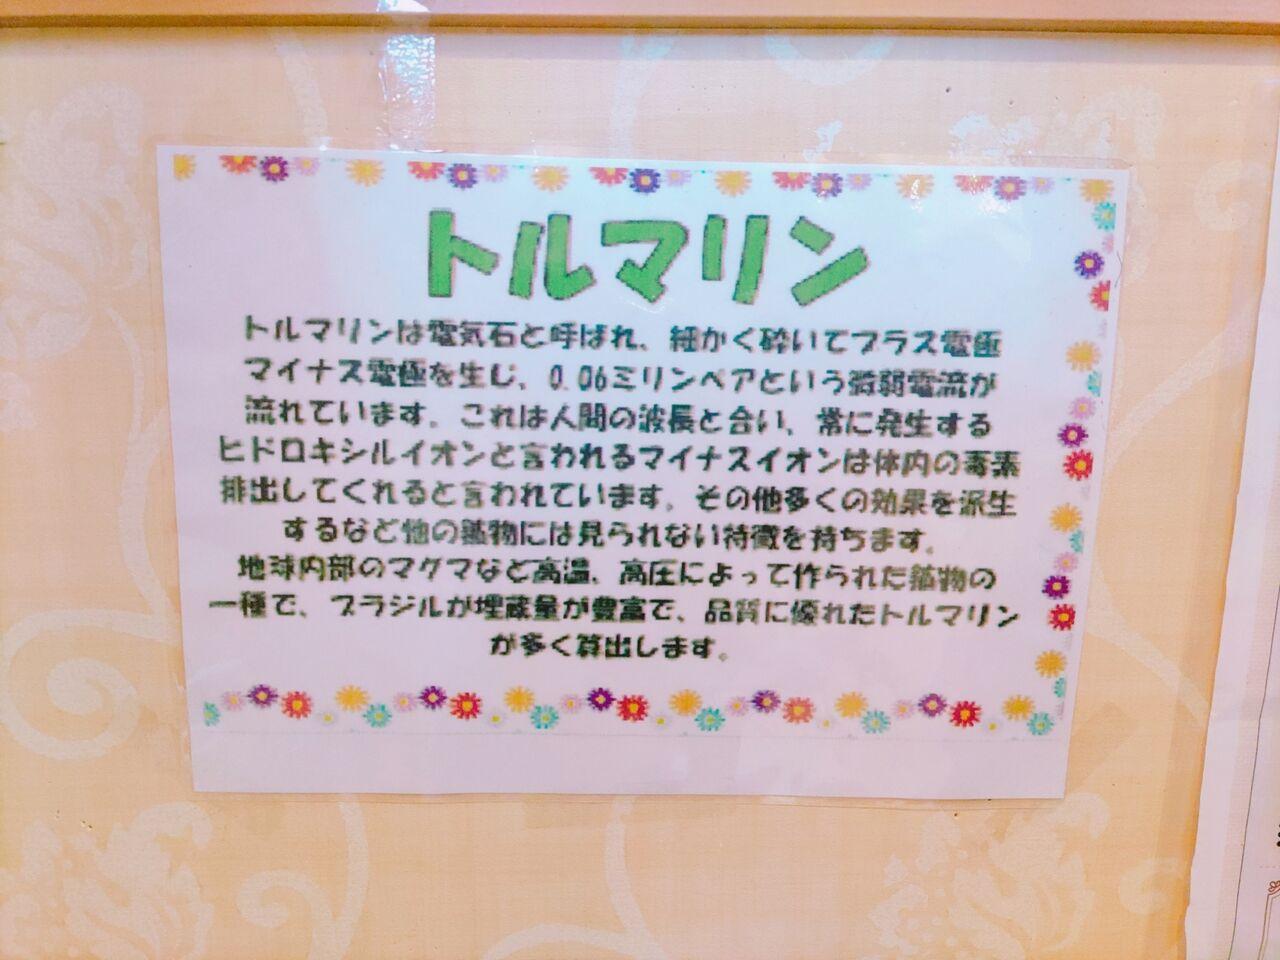 21-02-07-16-13-40-068_photo